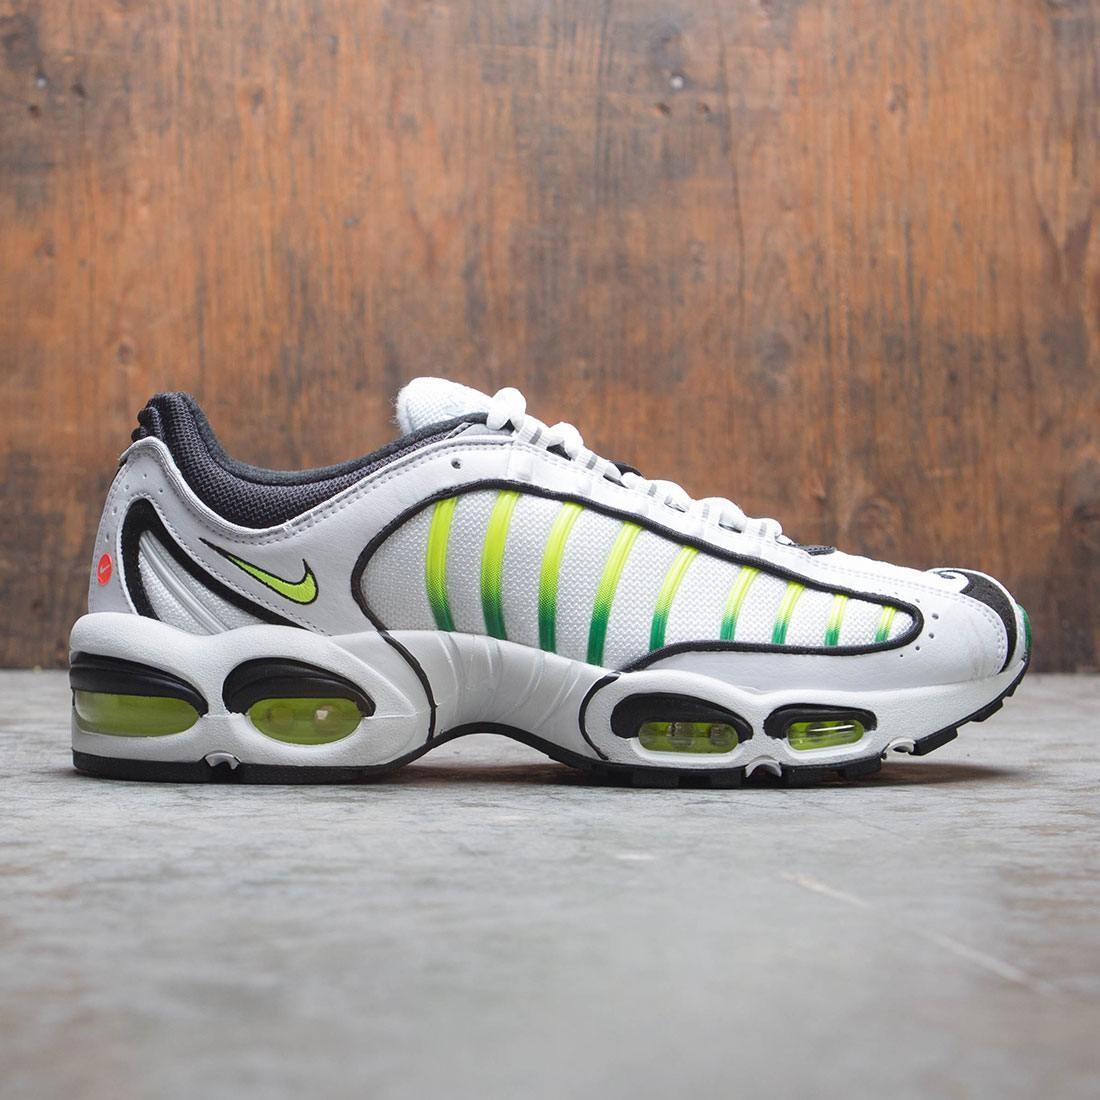 Nike AIR MAX TAILWIND IV OG WhiteVoltBlackAloe Verde